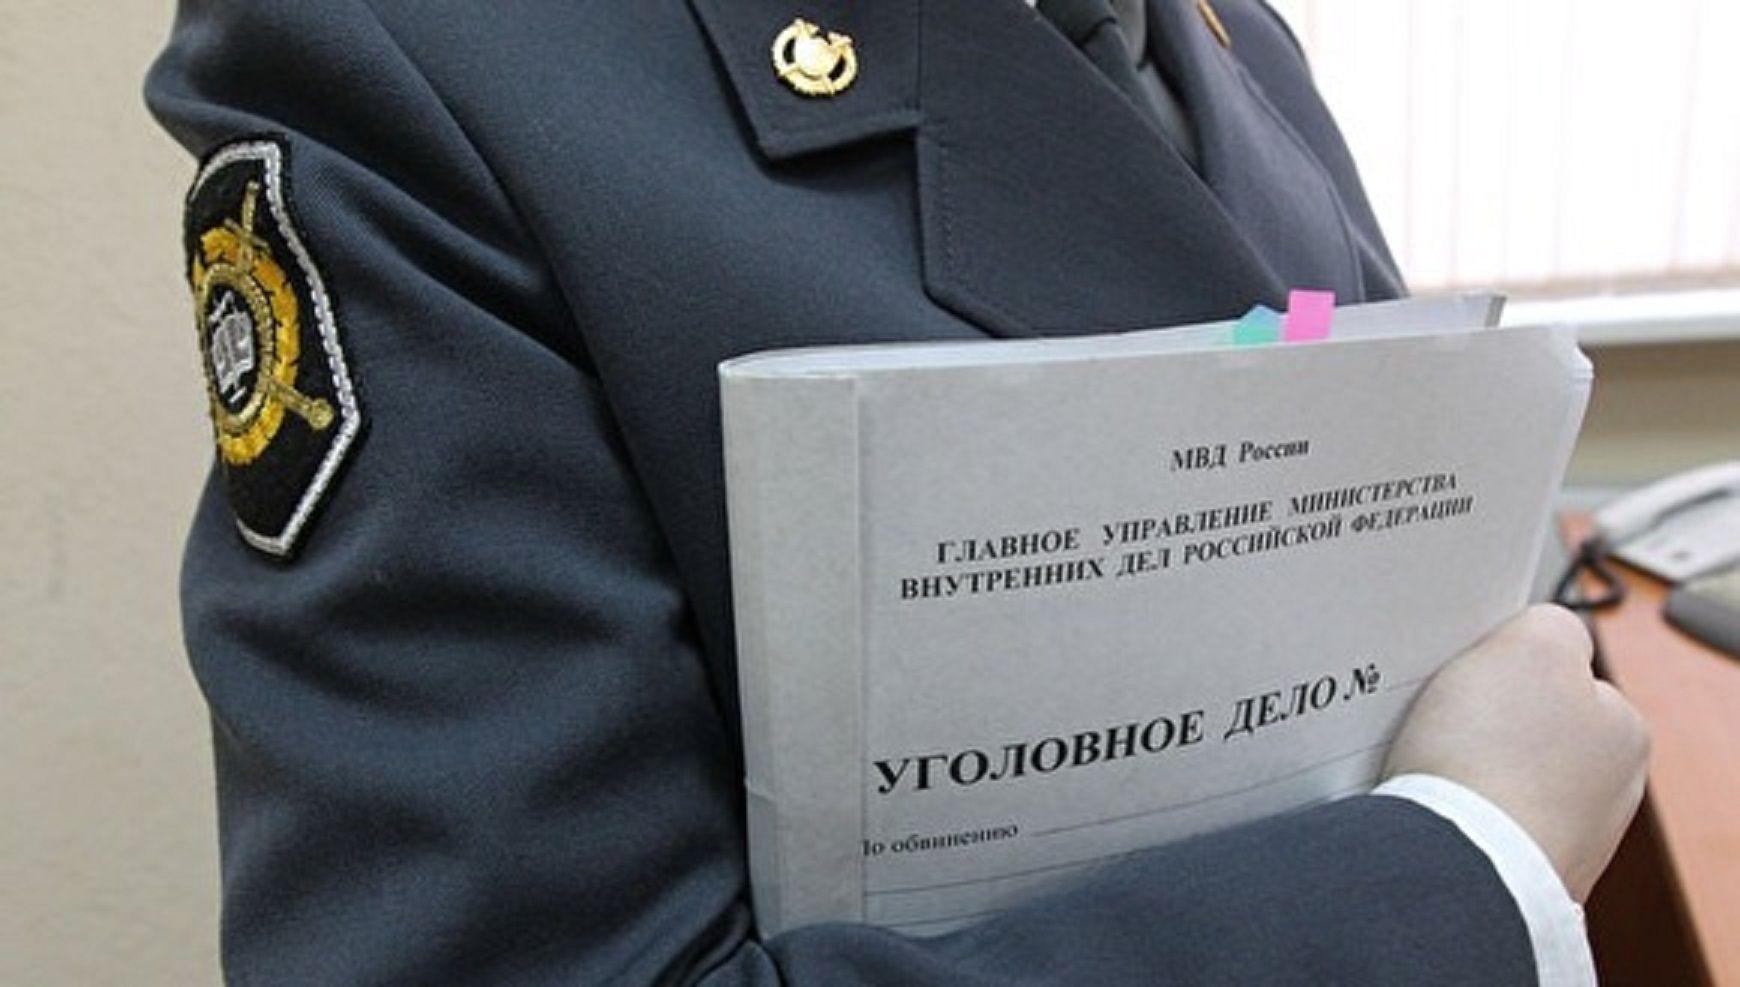 22-летний гражданин Ставрополья подозревается внадругательстве над 13-летней девочкой